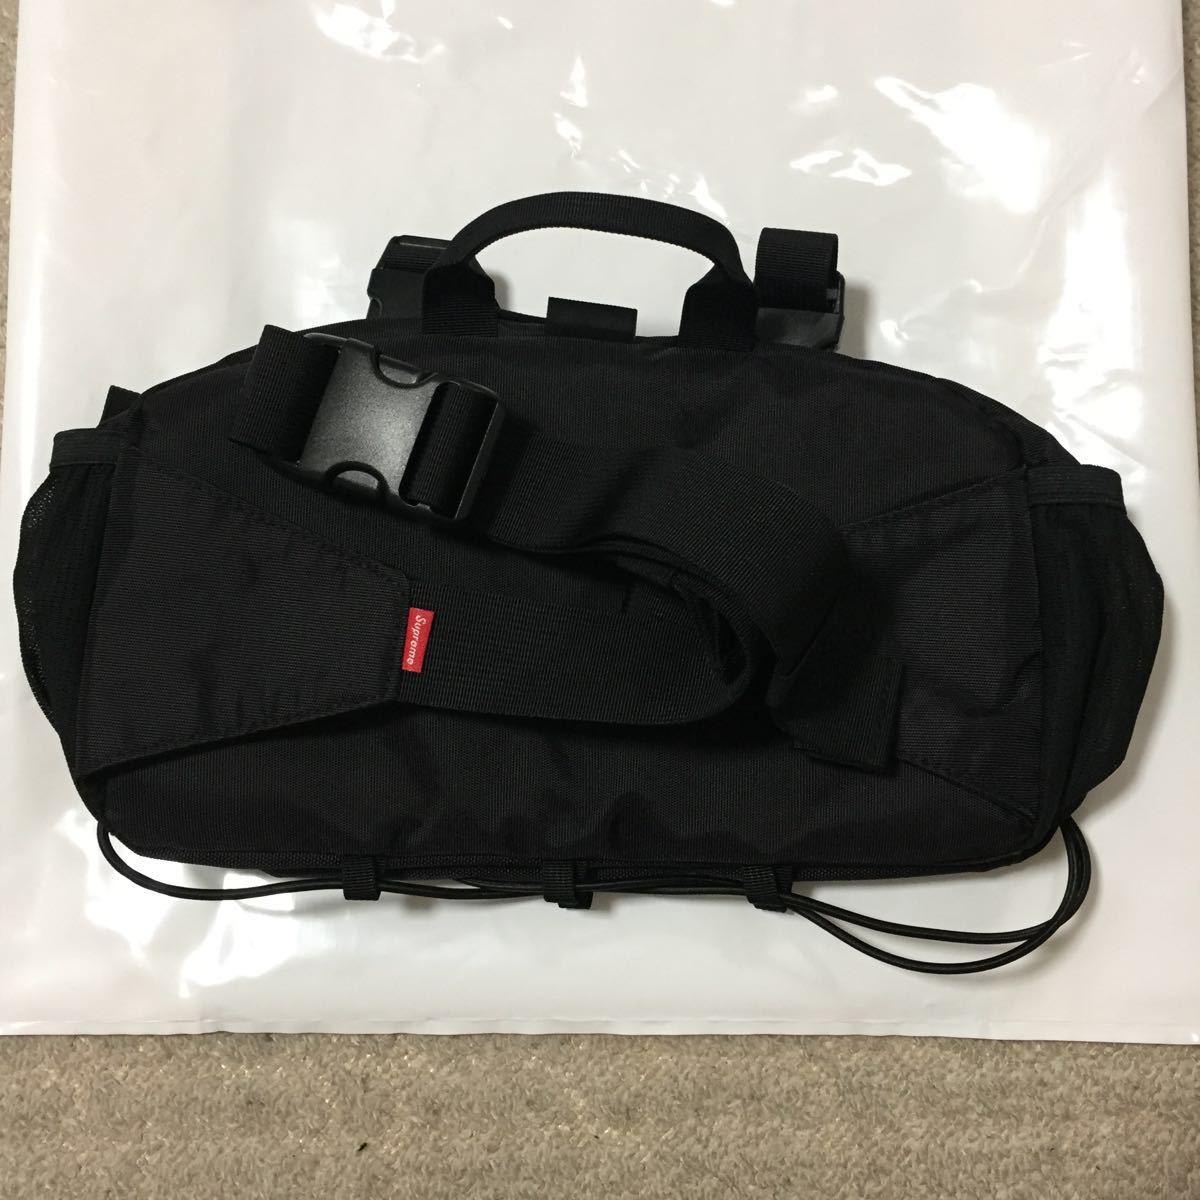 19fw Supreme Waist Bag ブラック 新品 国内正規品 ウエストバッグ 19aw_画像3